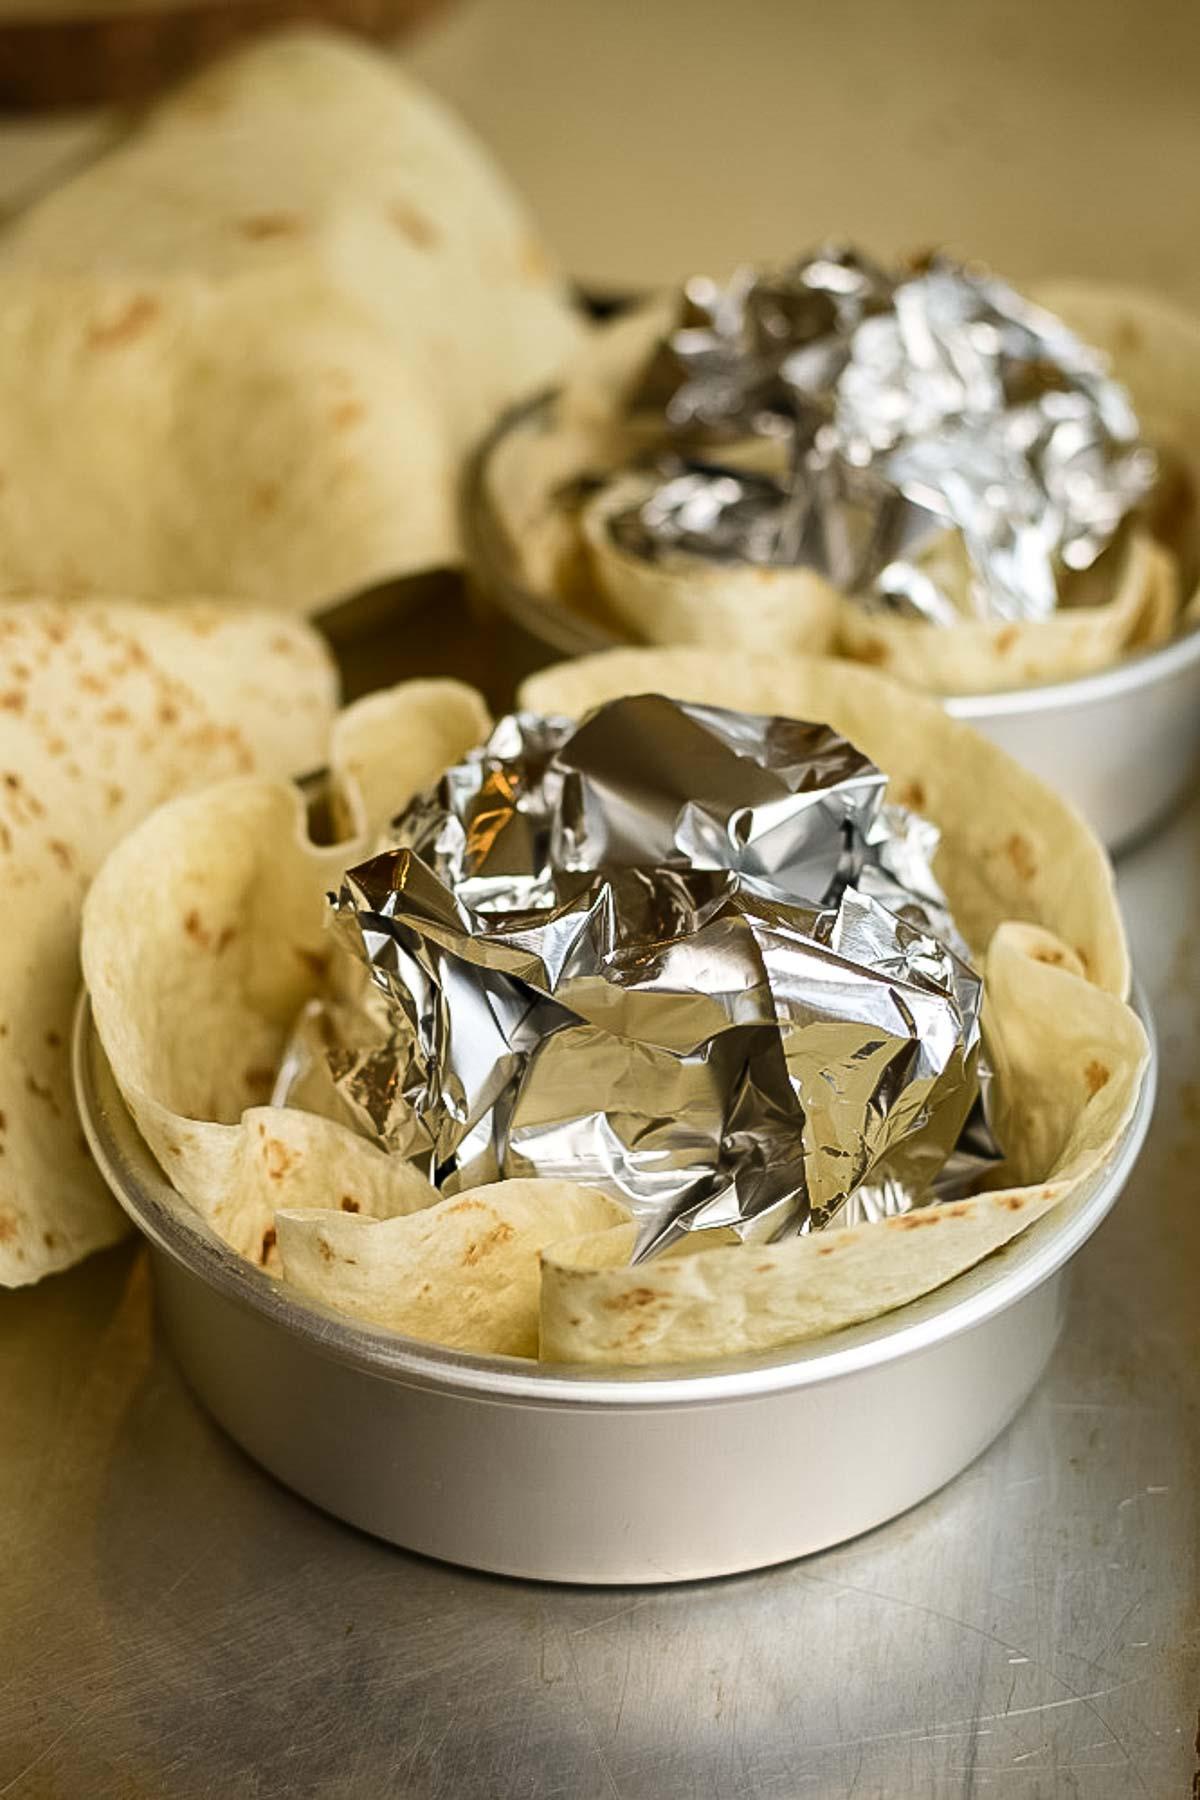 Tortilla shells in a bowl with aluminum foil.